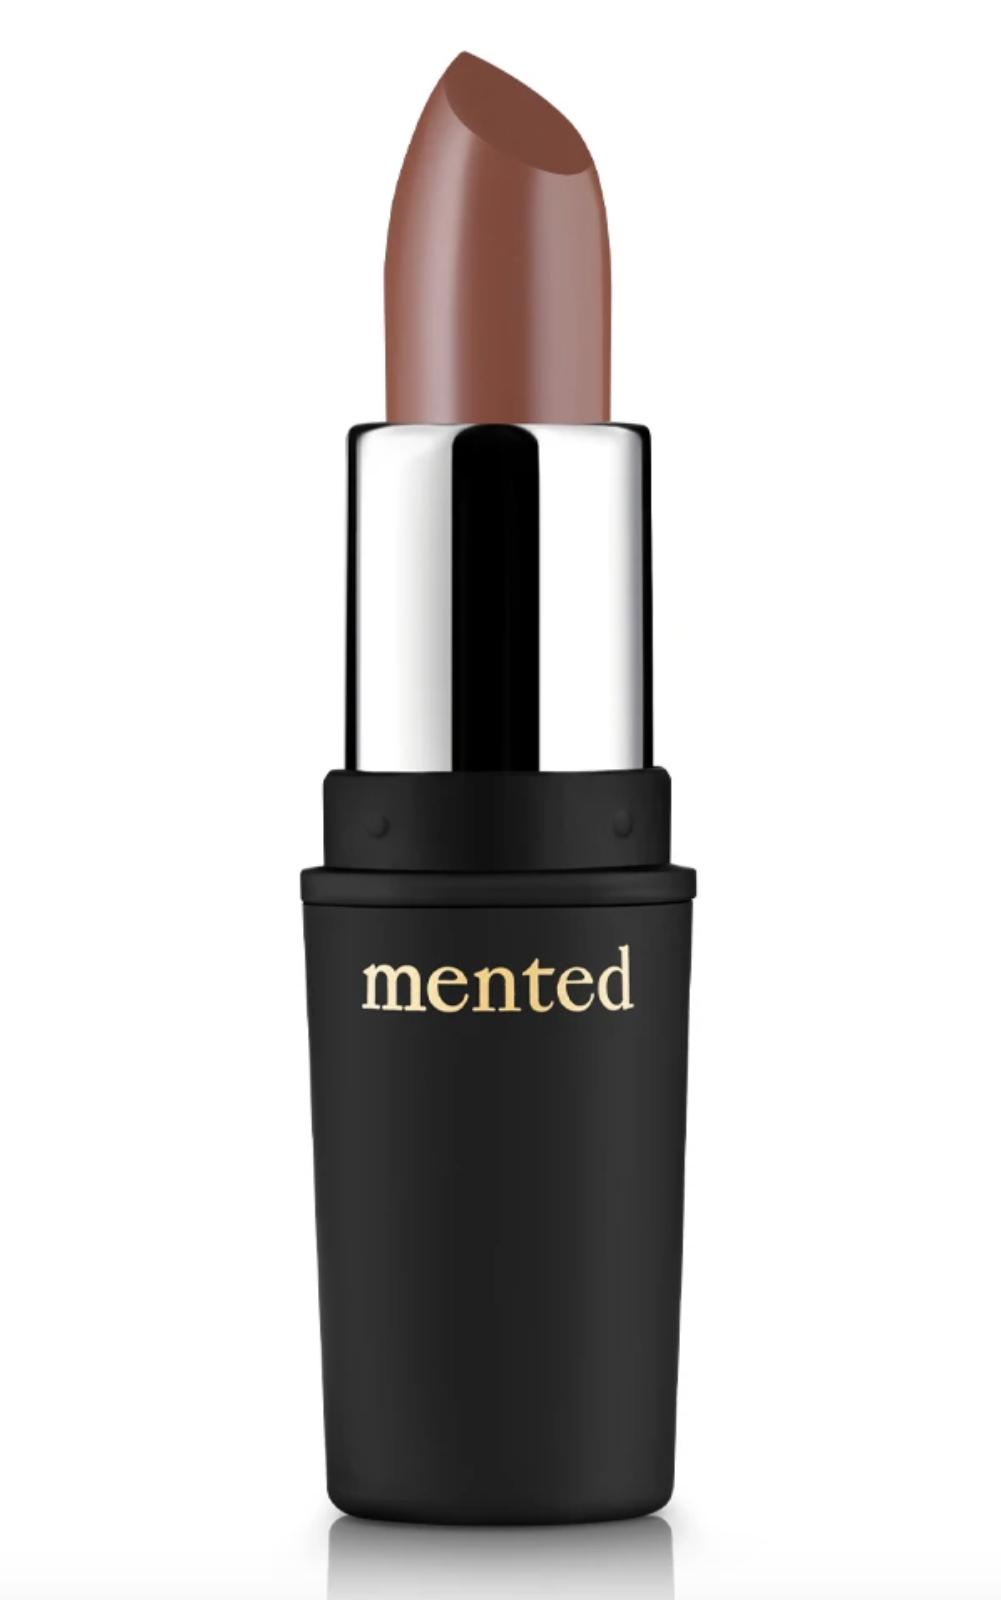 Mented Dope Taupe Semi-Matte Lipstick